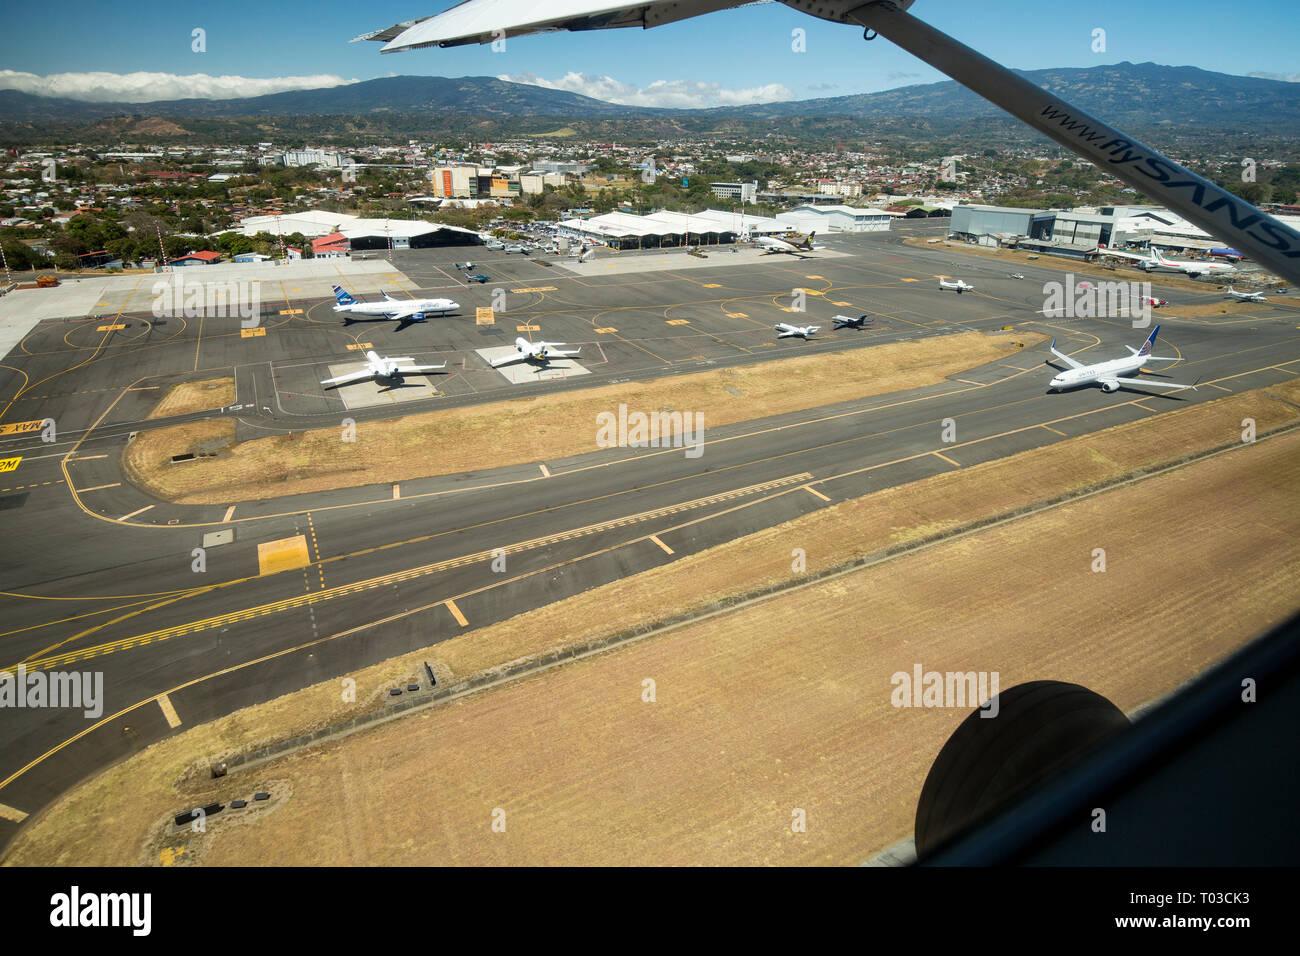 Aeropuerto de Costa Rica San José. Imagen De Stock